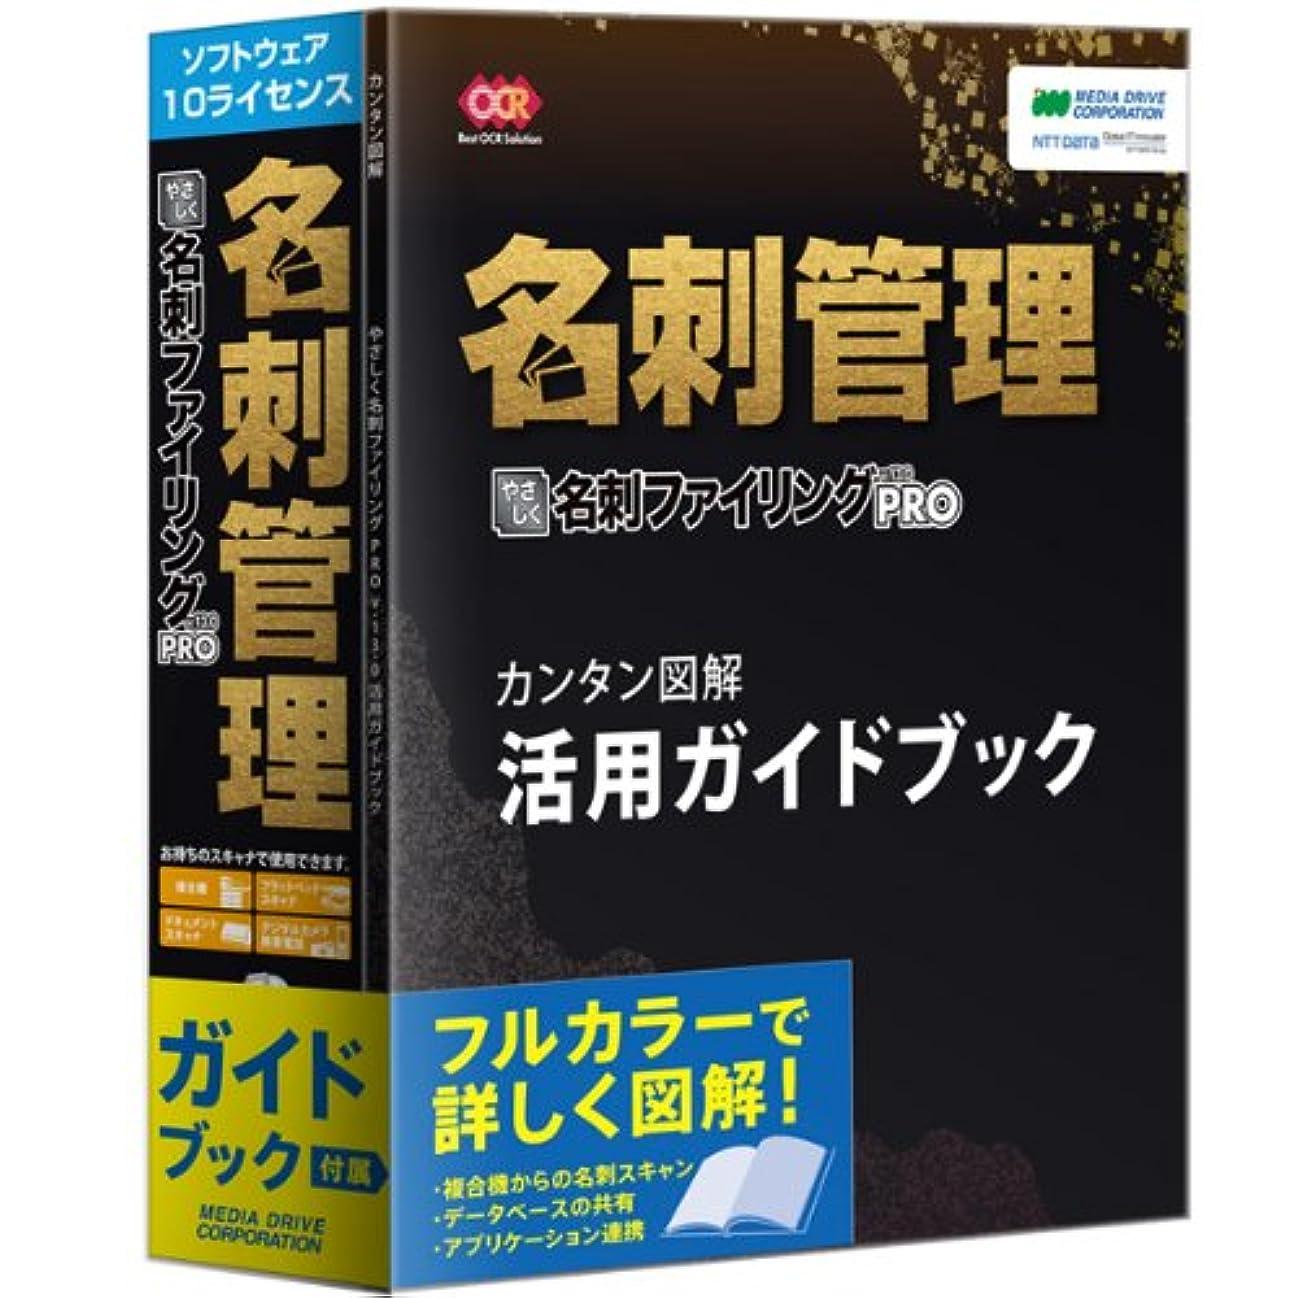 スクラップブックオペラレジやさしく名刺ファイリング PRO v.13.0 活用ガイドブック付 10ライセンス